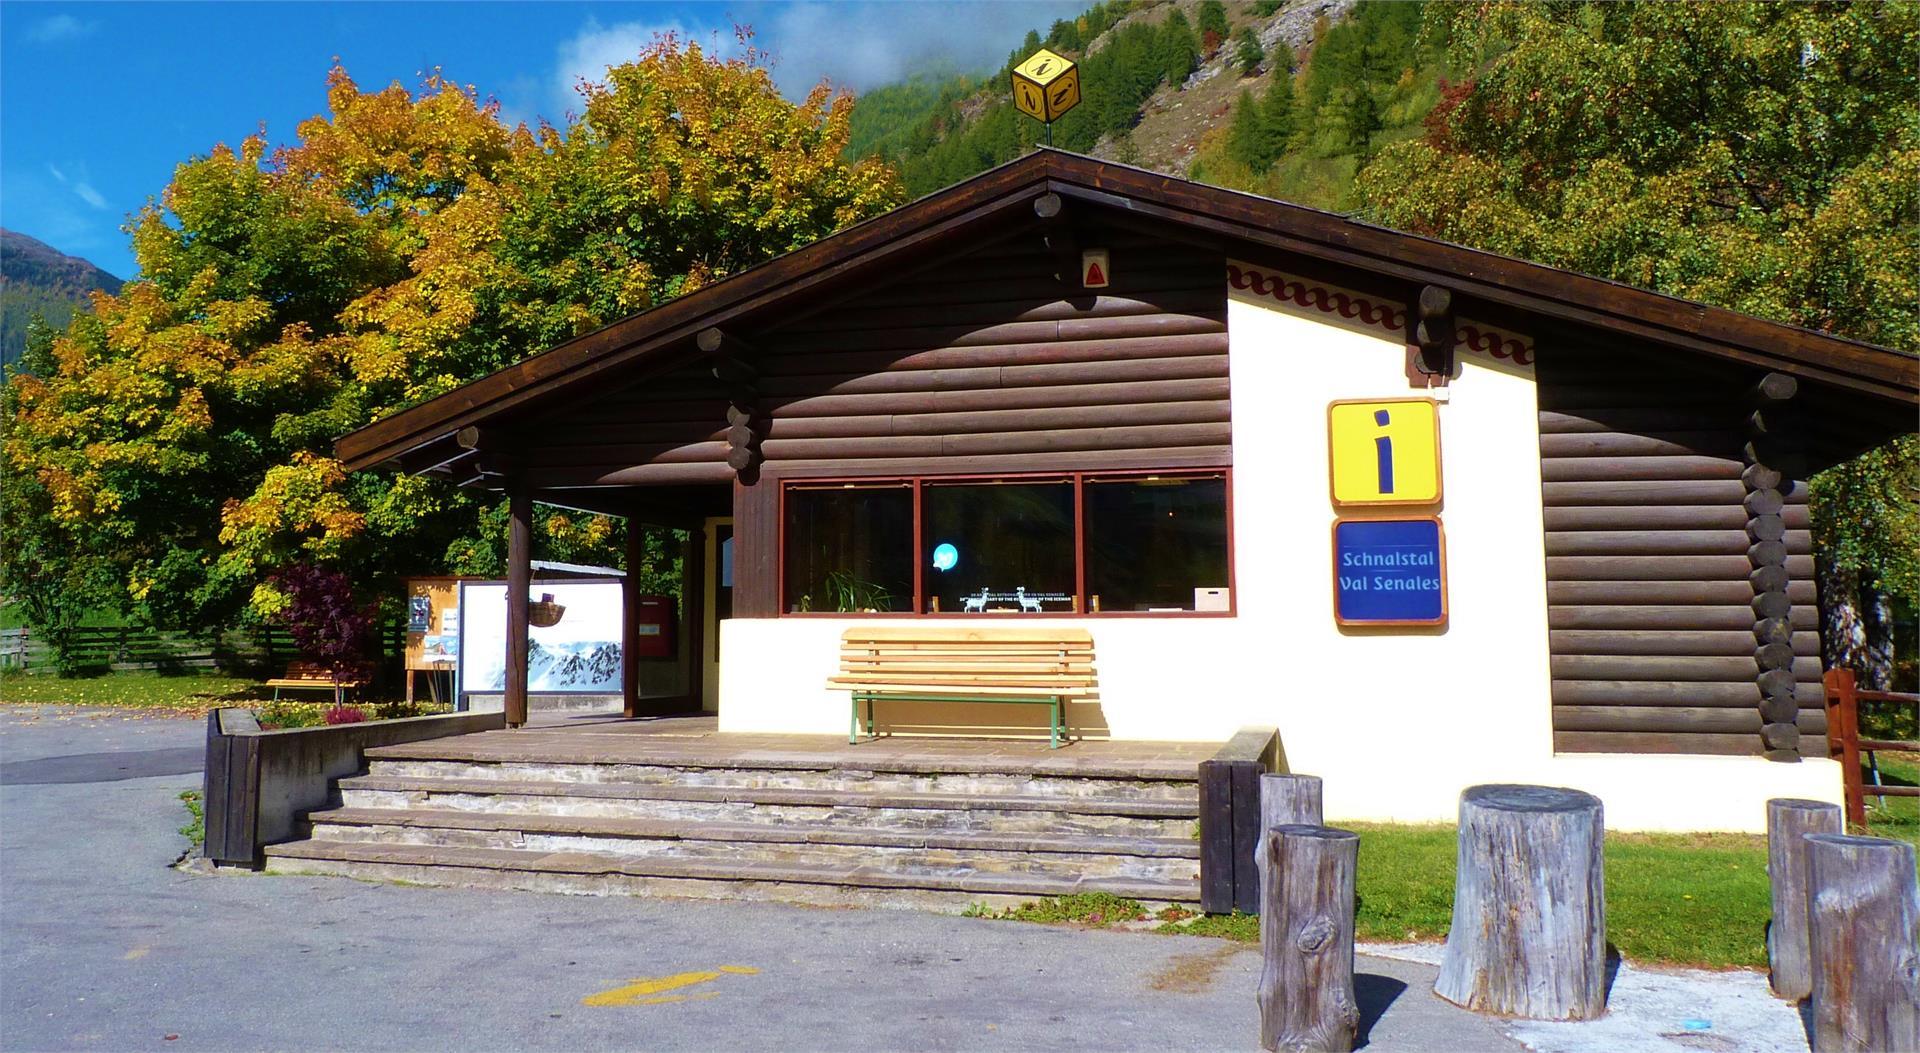 Tourismusbüro Schnalstal